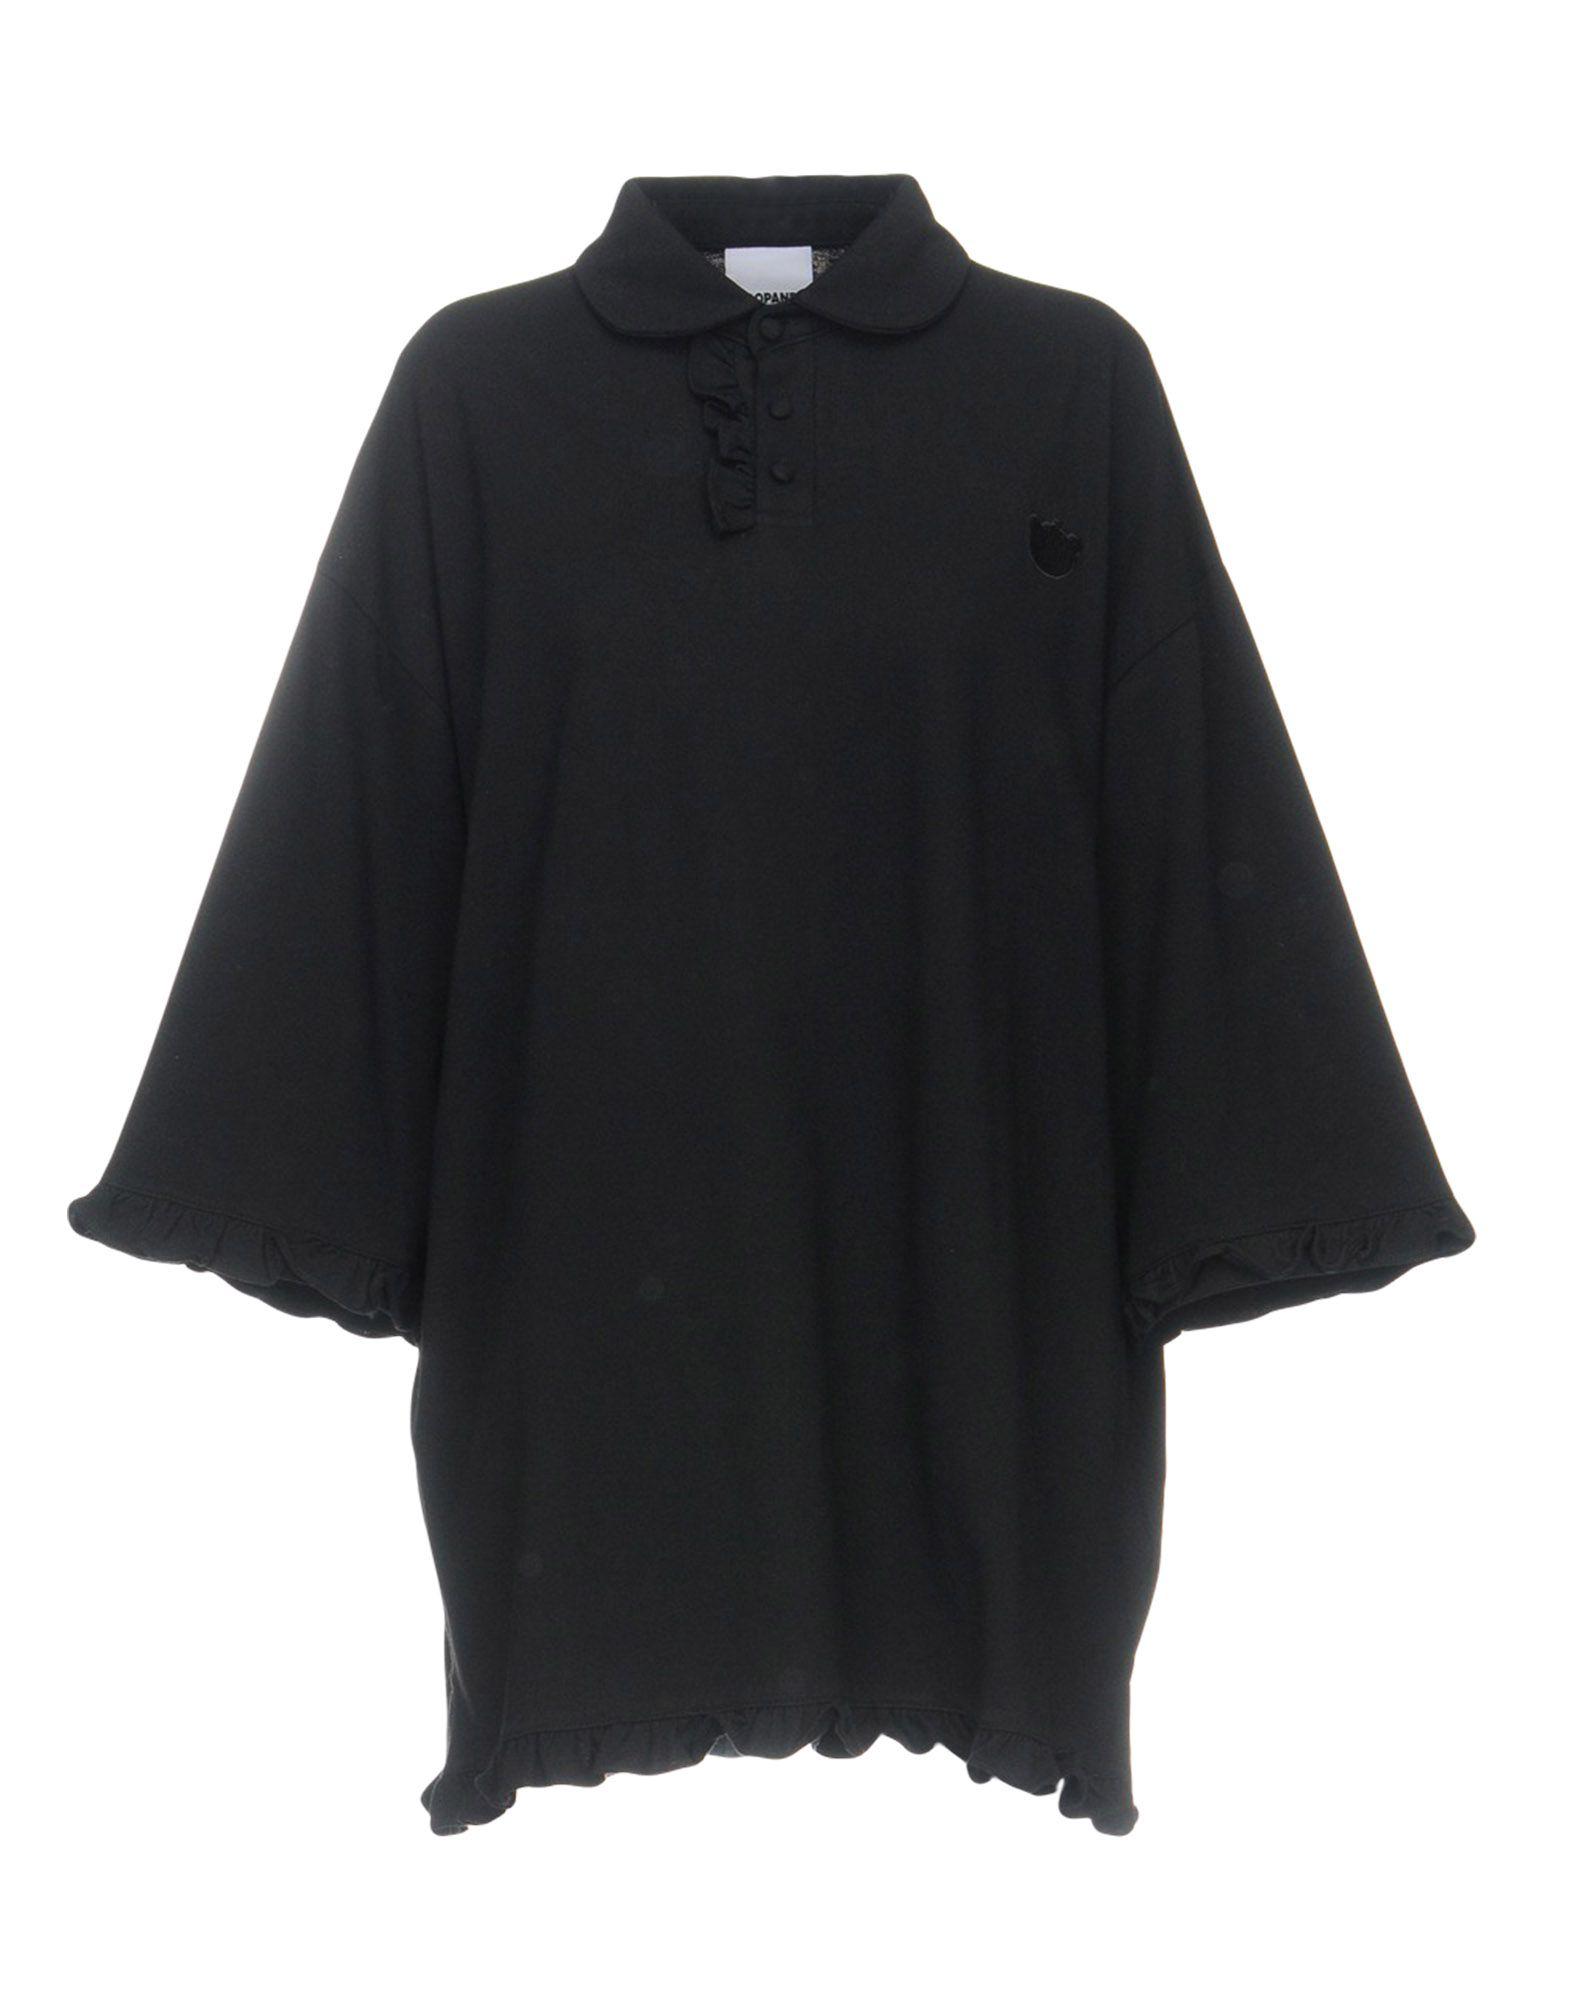 Γυναικεία Φορέματα - Yoox - Σελίδα 134  122d8878378